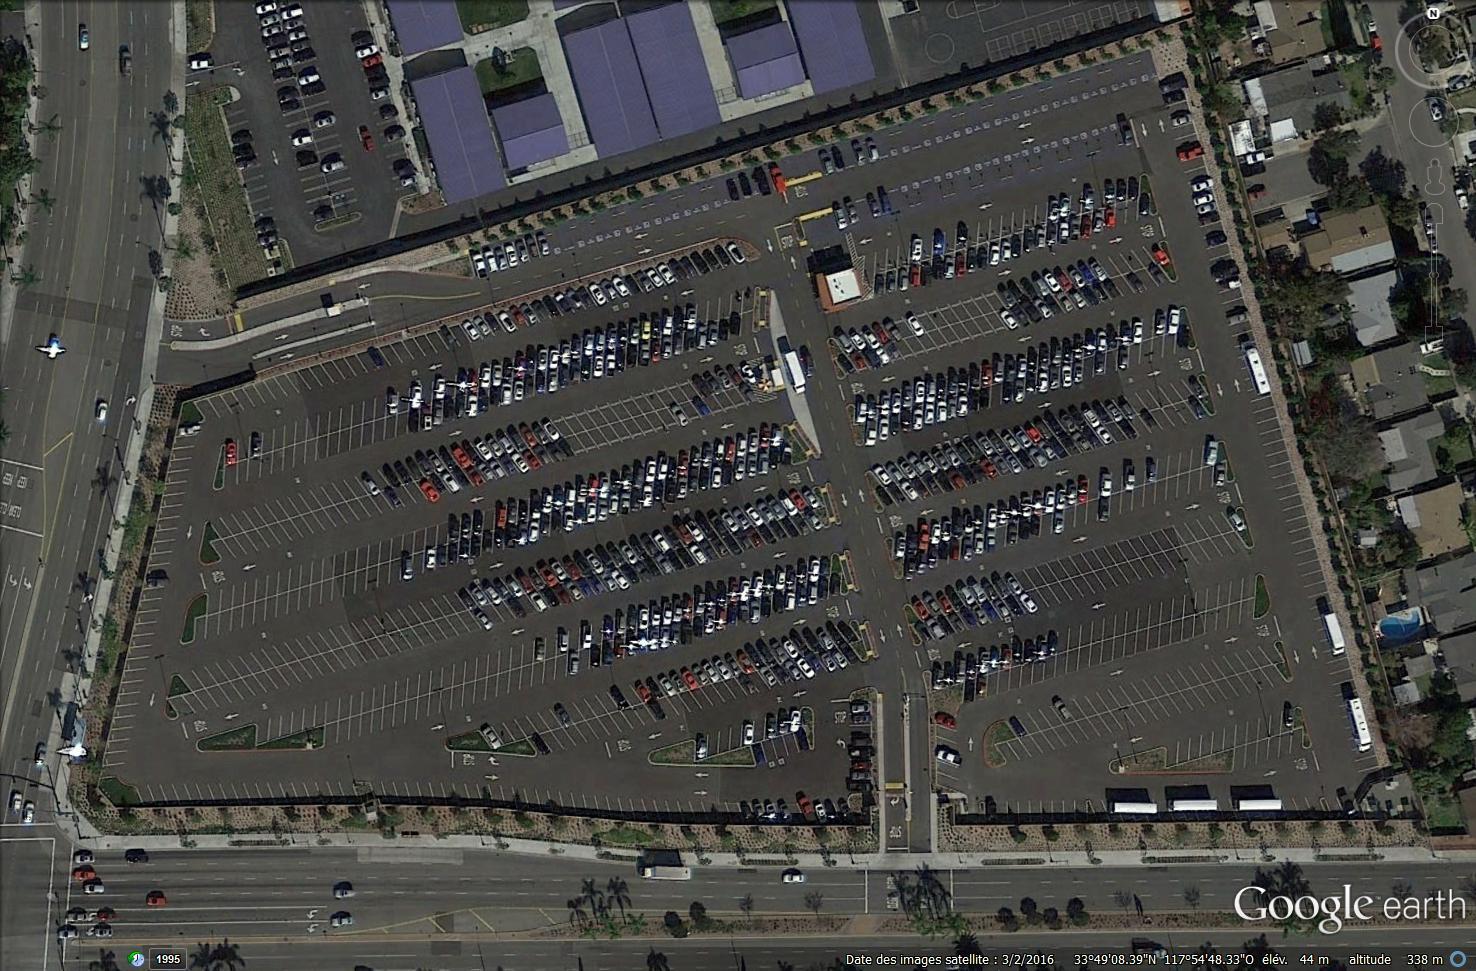 [Disneyland Resort] Projet de troisième parc et nouveaux parkings - Page 3 963851DLCastMembersparking